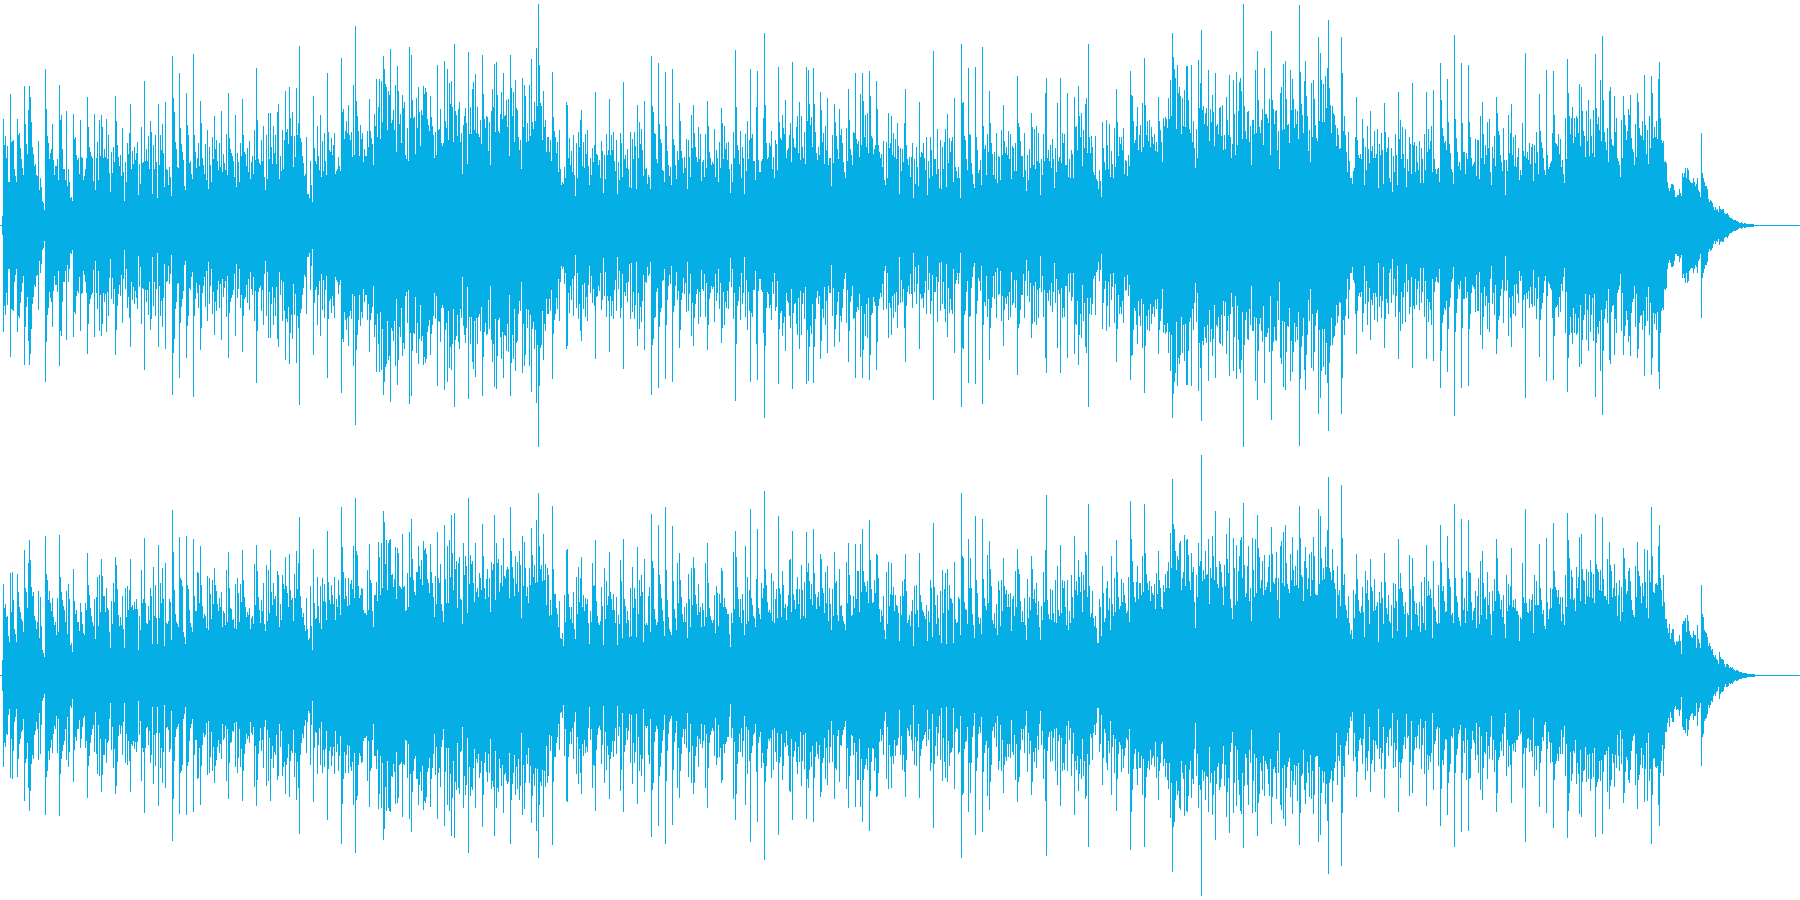 シックなスロー・バラードの再生済みの波形